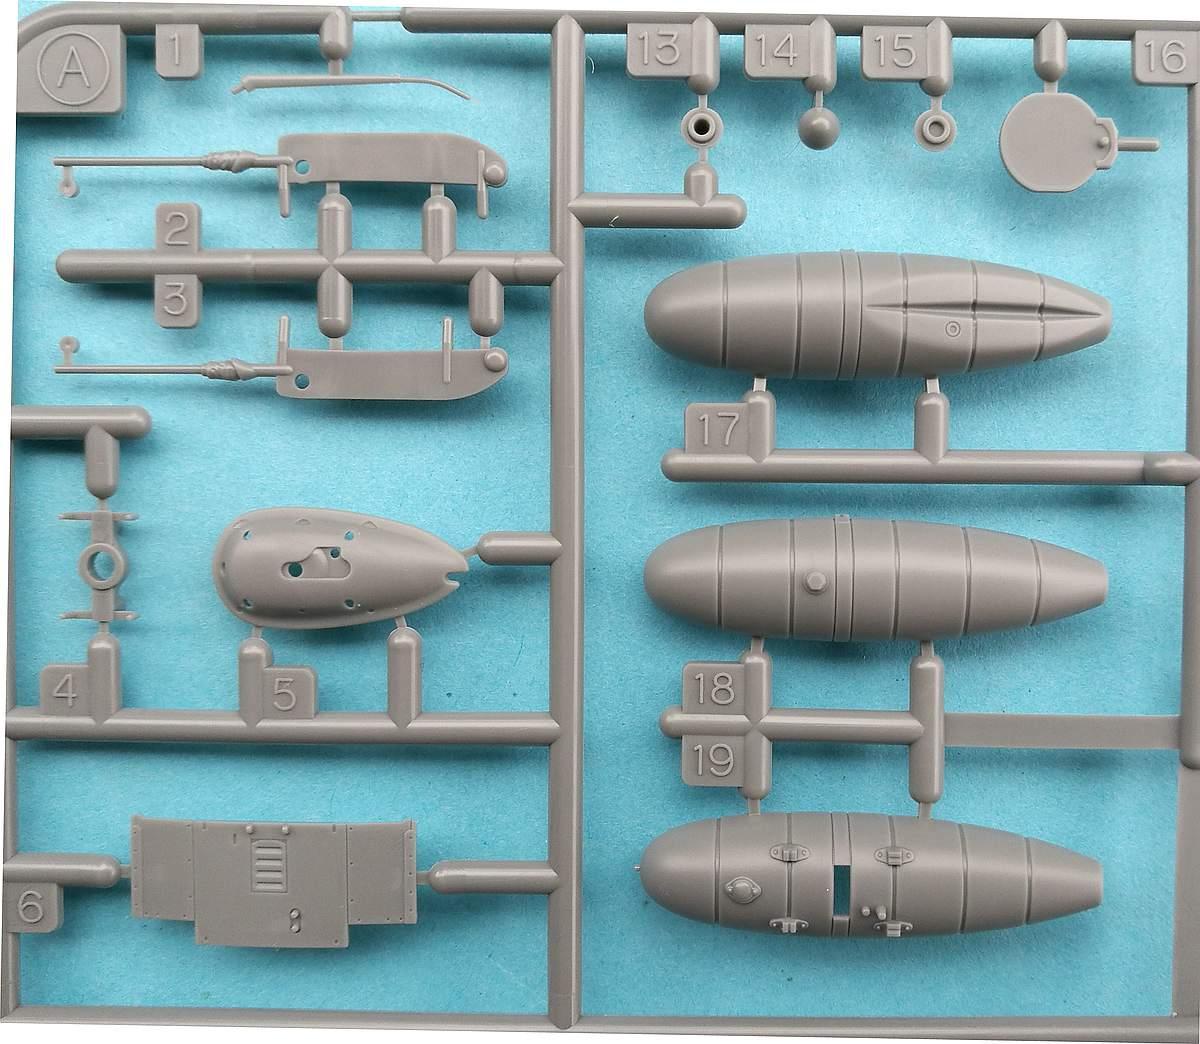 Tamiya-117-Messerschmitt-Bf-109-G6-40 Messerschmitt Bf 109 G6 im Maßstab 1:48 von Tamiya 61117